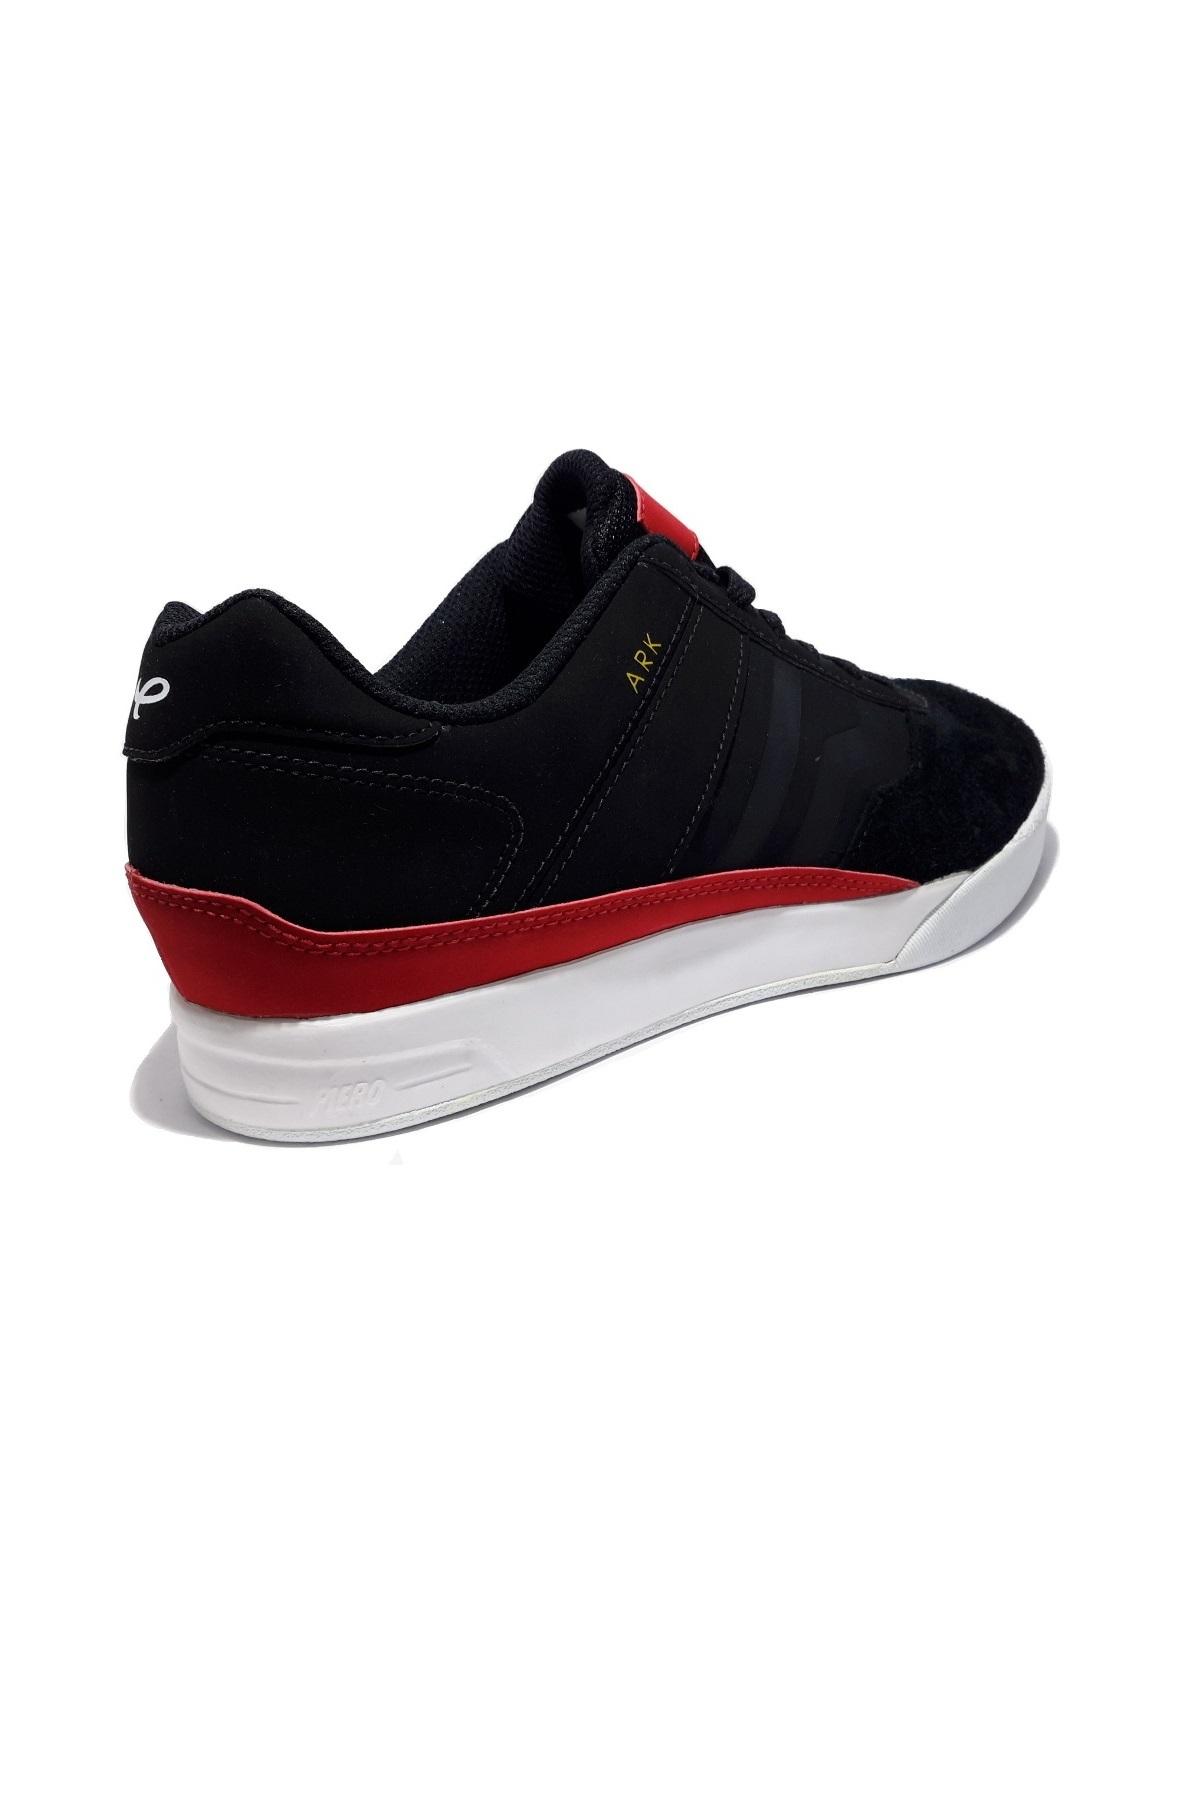 Hot Deals Piero Nador Sepatu Skate Hitam Merah Harga Termurah Sneakers Eva Trainer Dark Pack